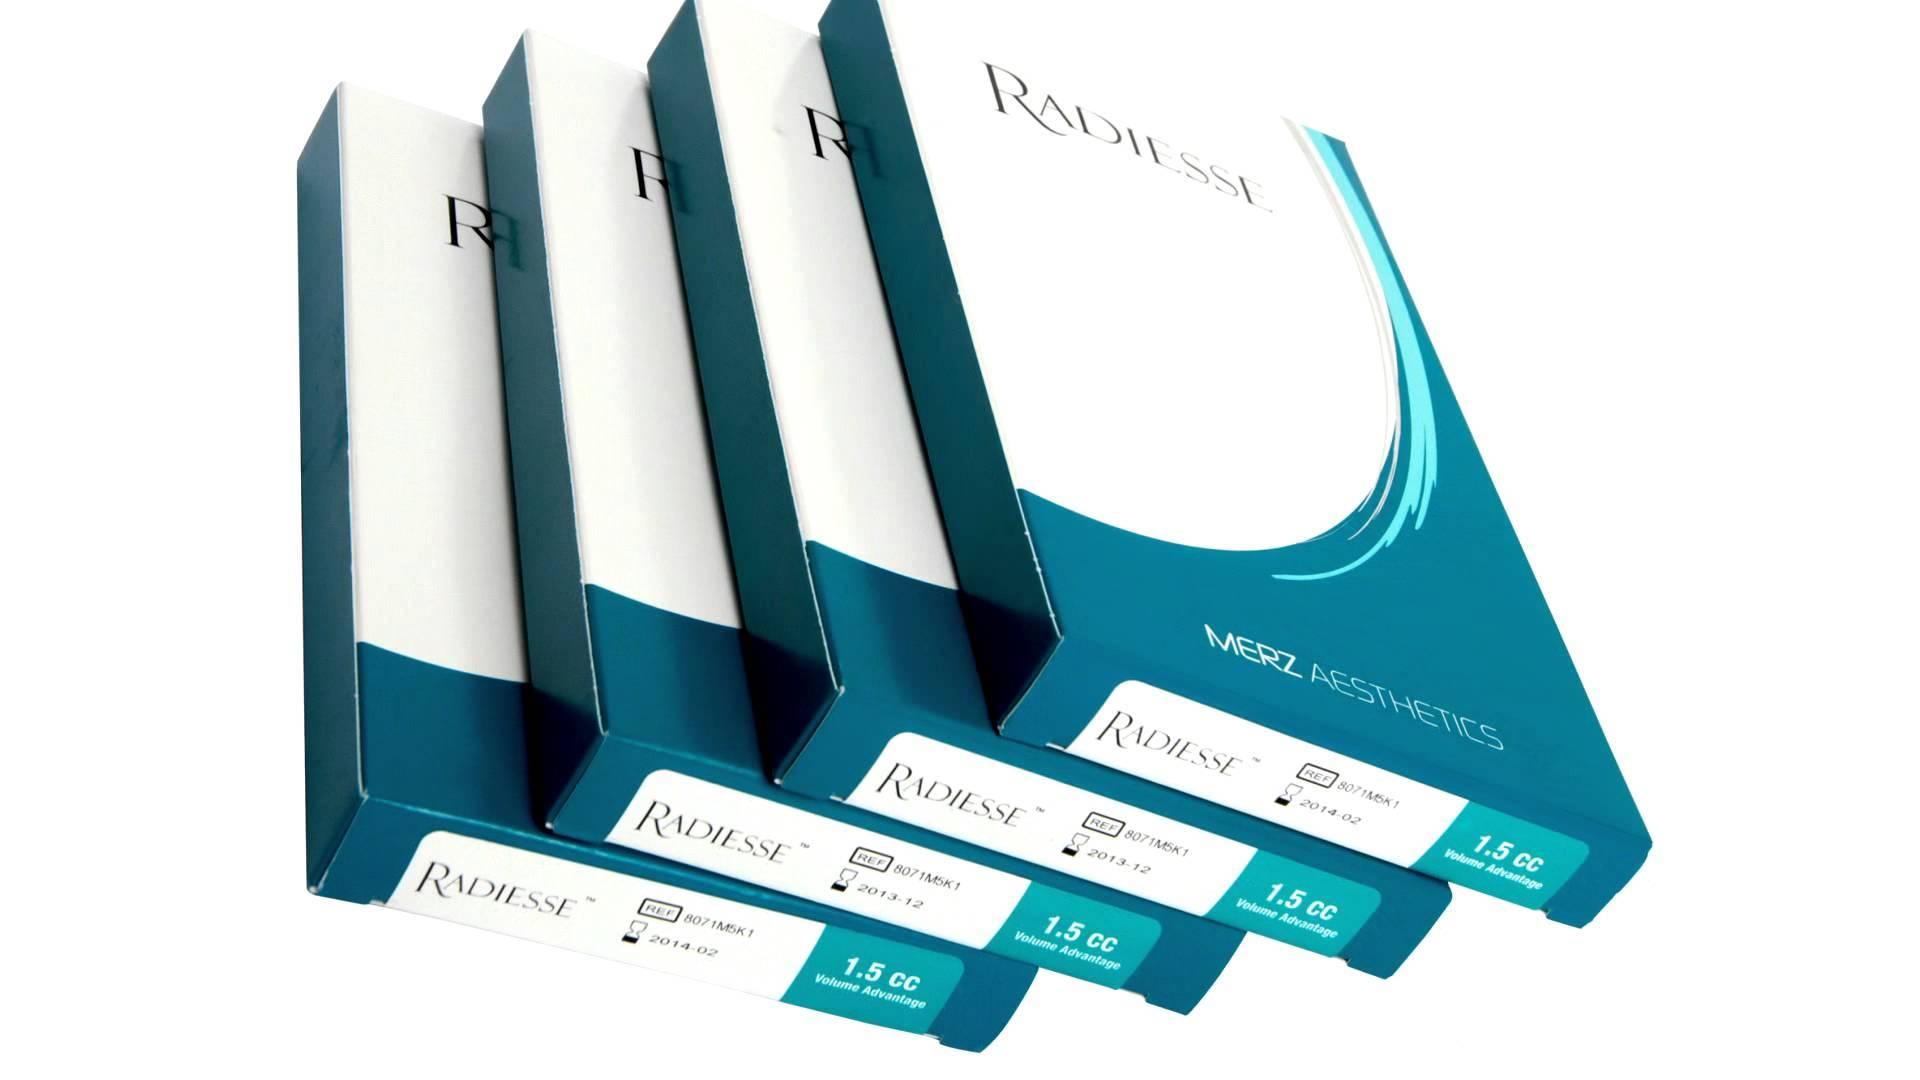 Radiesse 0.8ml , Radiesse 1.5ml , Redexis (2x1ml) , Sculptra (2 vials), dermal fillers for sale